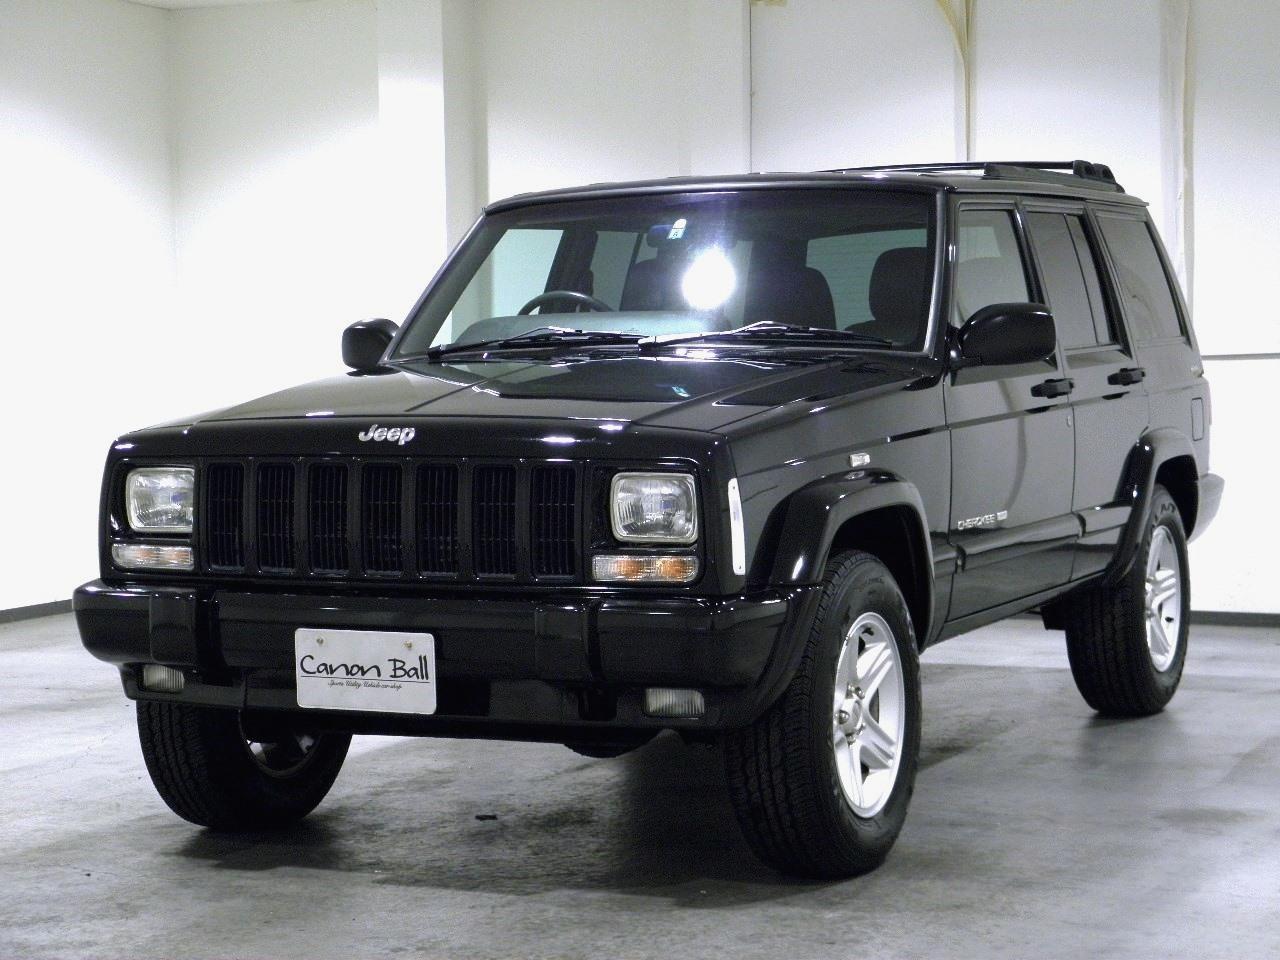 LTD 黒本革シート&ウッドインテリア 【XJ型Jeep最終 '01モデル】 (画像別)のイメージ画像です